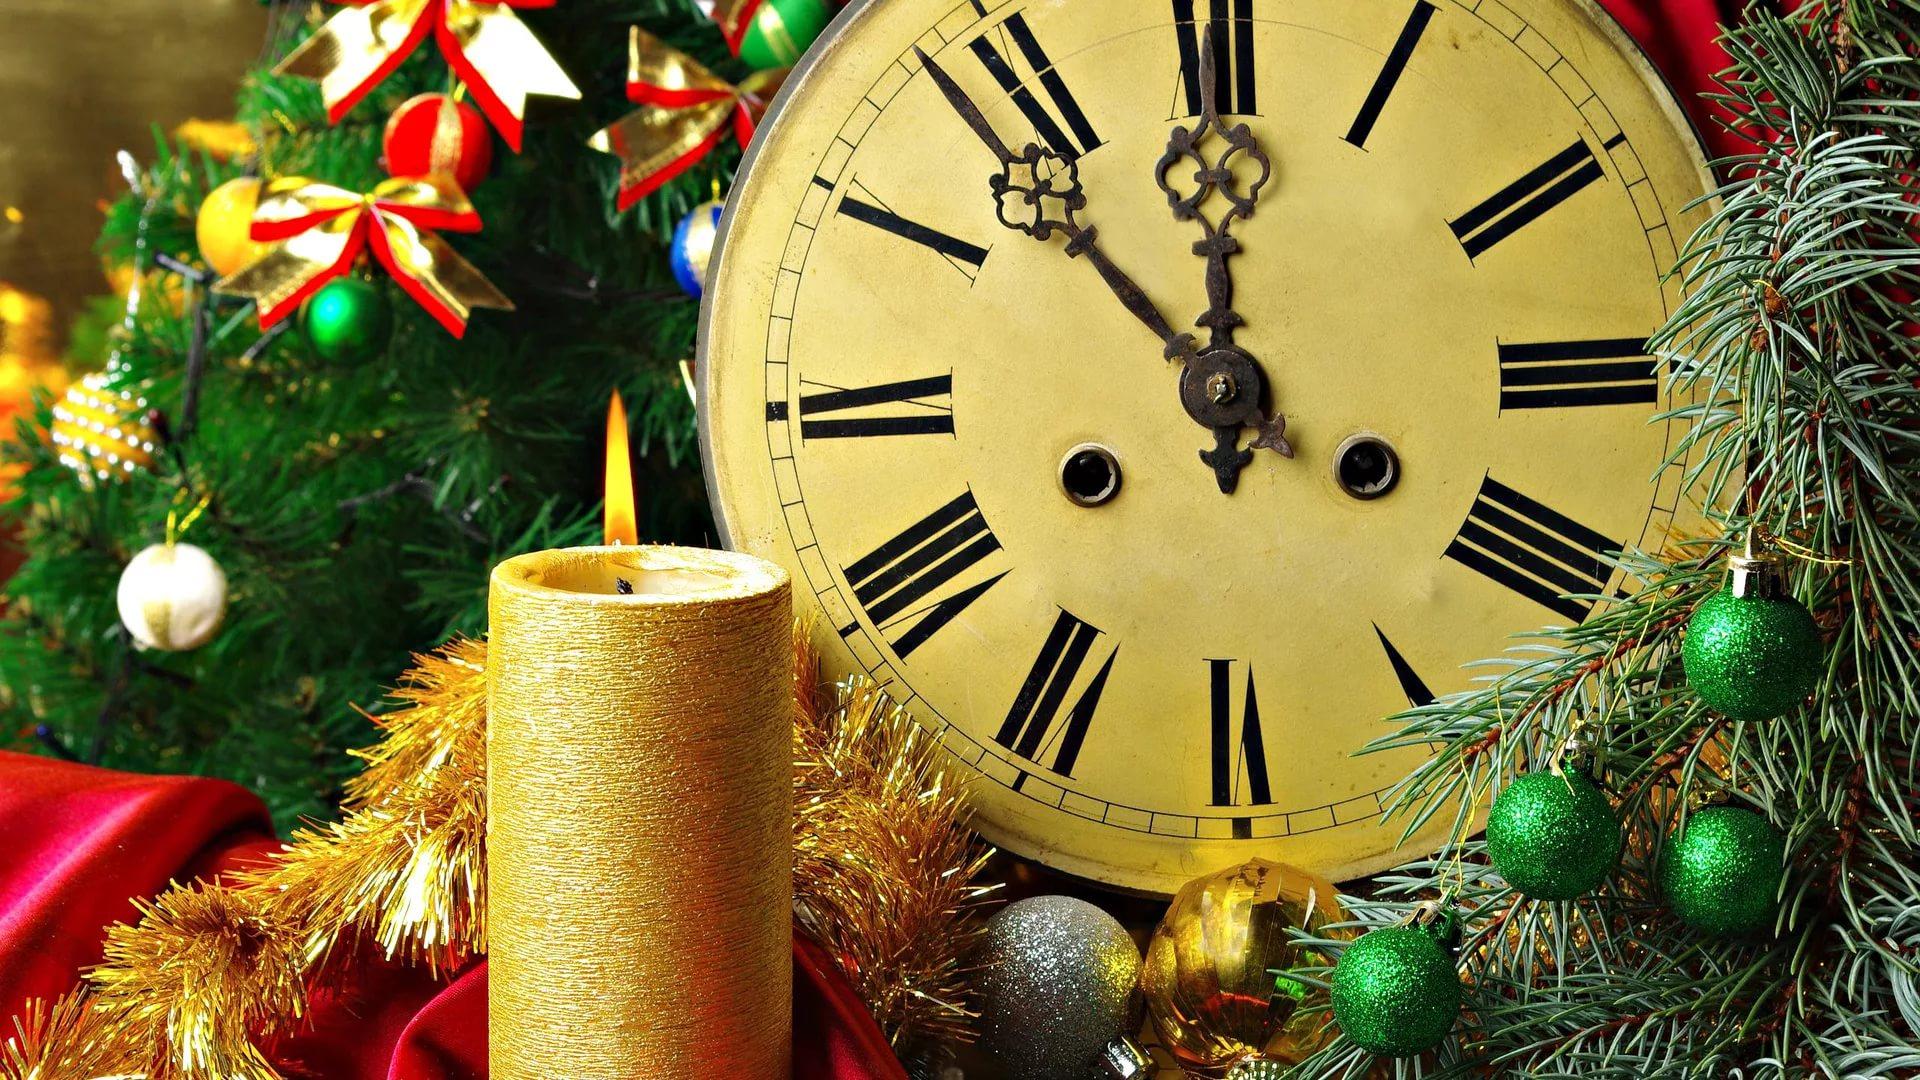 29 декабря в 18:00 в нашей школе состоится новогодний вечер.